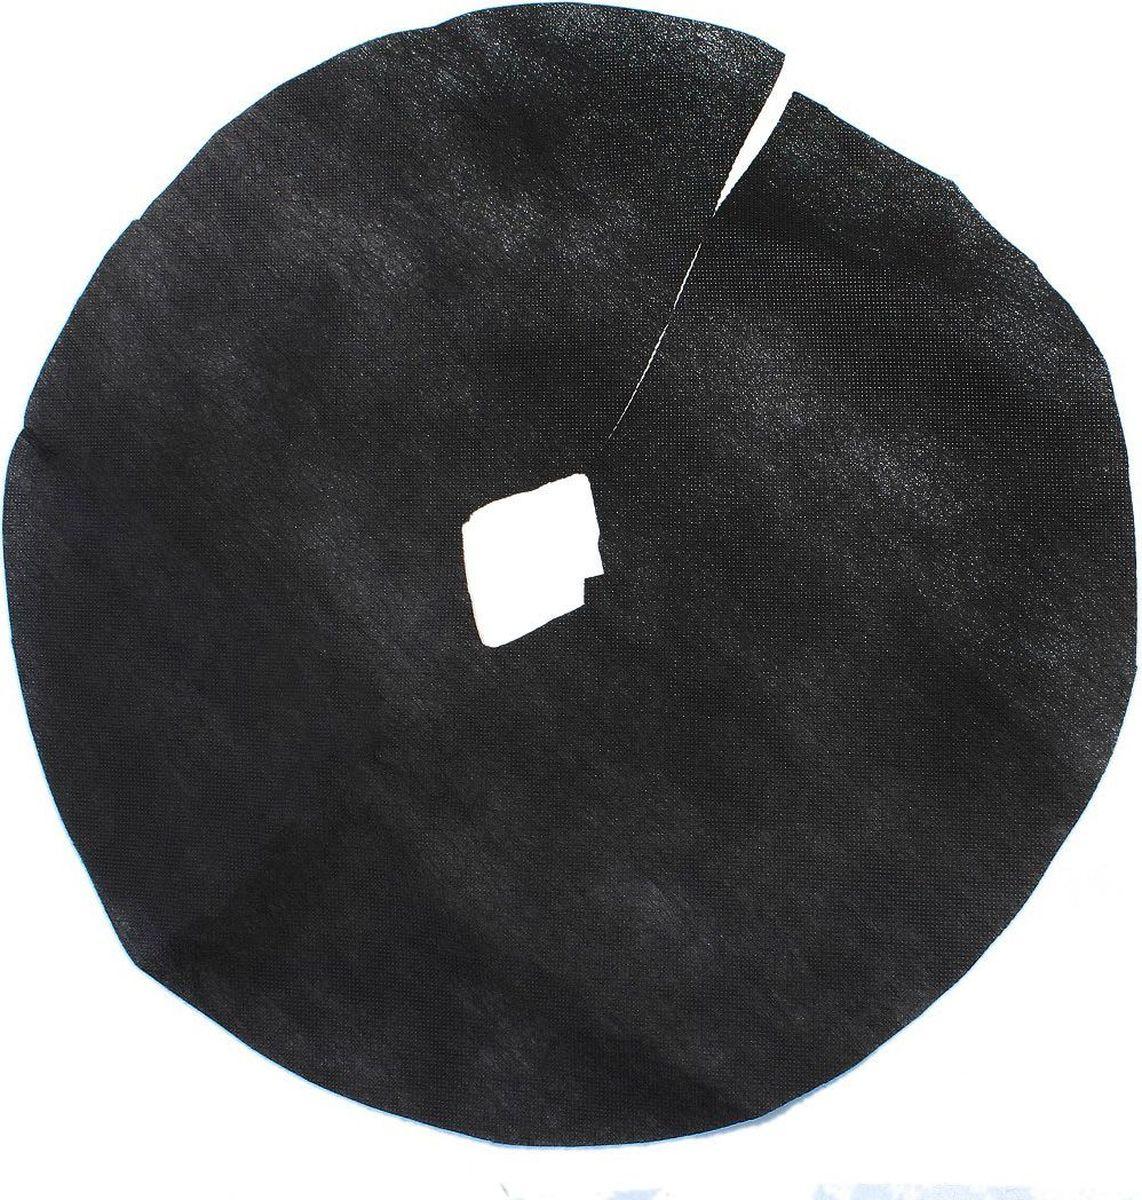 Круг приствольный Агротекс, цвет: черный, диаметр 1 м, 5 шт693588Круг экологичен и прост в использовании: взрыхлите и разровняйте почву вокруг ствола, расстелите приствольный круг (сторона не имеет значения) и надежно присыпьте края землей или гравием. Теперь вы можете не беспокоиться о своих деревьях и кустарниках: на ближайшие три сезона это работа для Агротекс.Используя приствольный круг Агротекс, есть несколько преимуществ:-вы можете навсегда забыть о прополке и придать своему саду аккуратный, ухоженный вид;-вы защитите свои посадки от холода и поможете им пережить резкие колебания температур;-вы улучшите аэрацию и дренаж почвы;-вы сохраните влагу и уменьшите испарение.